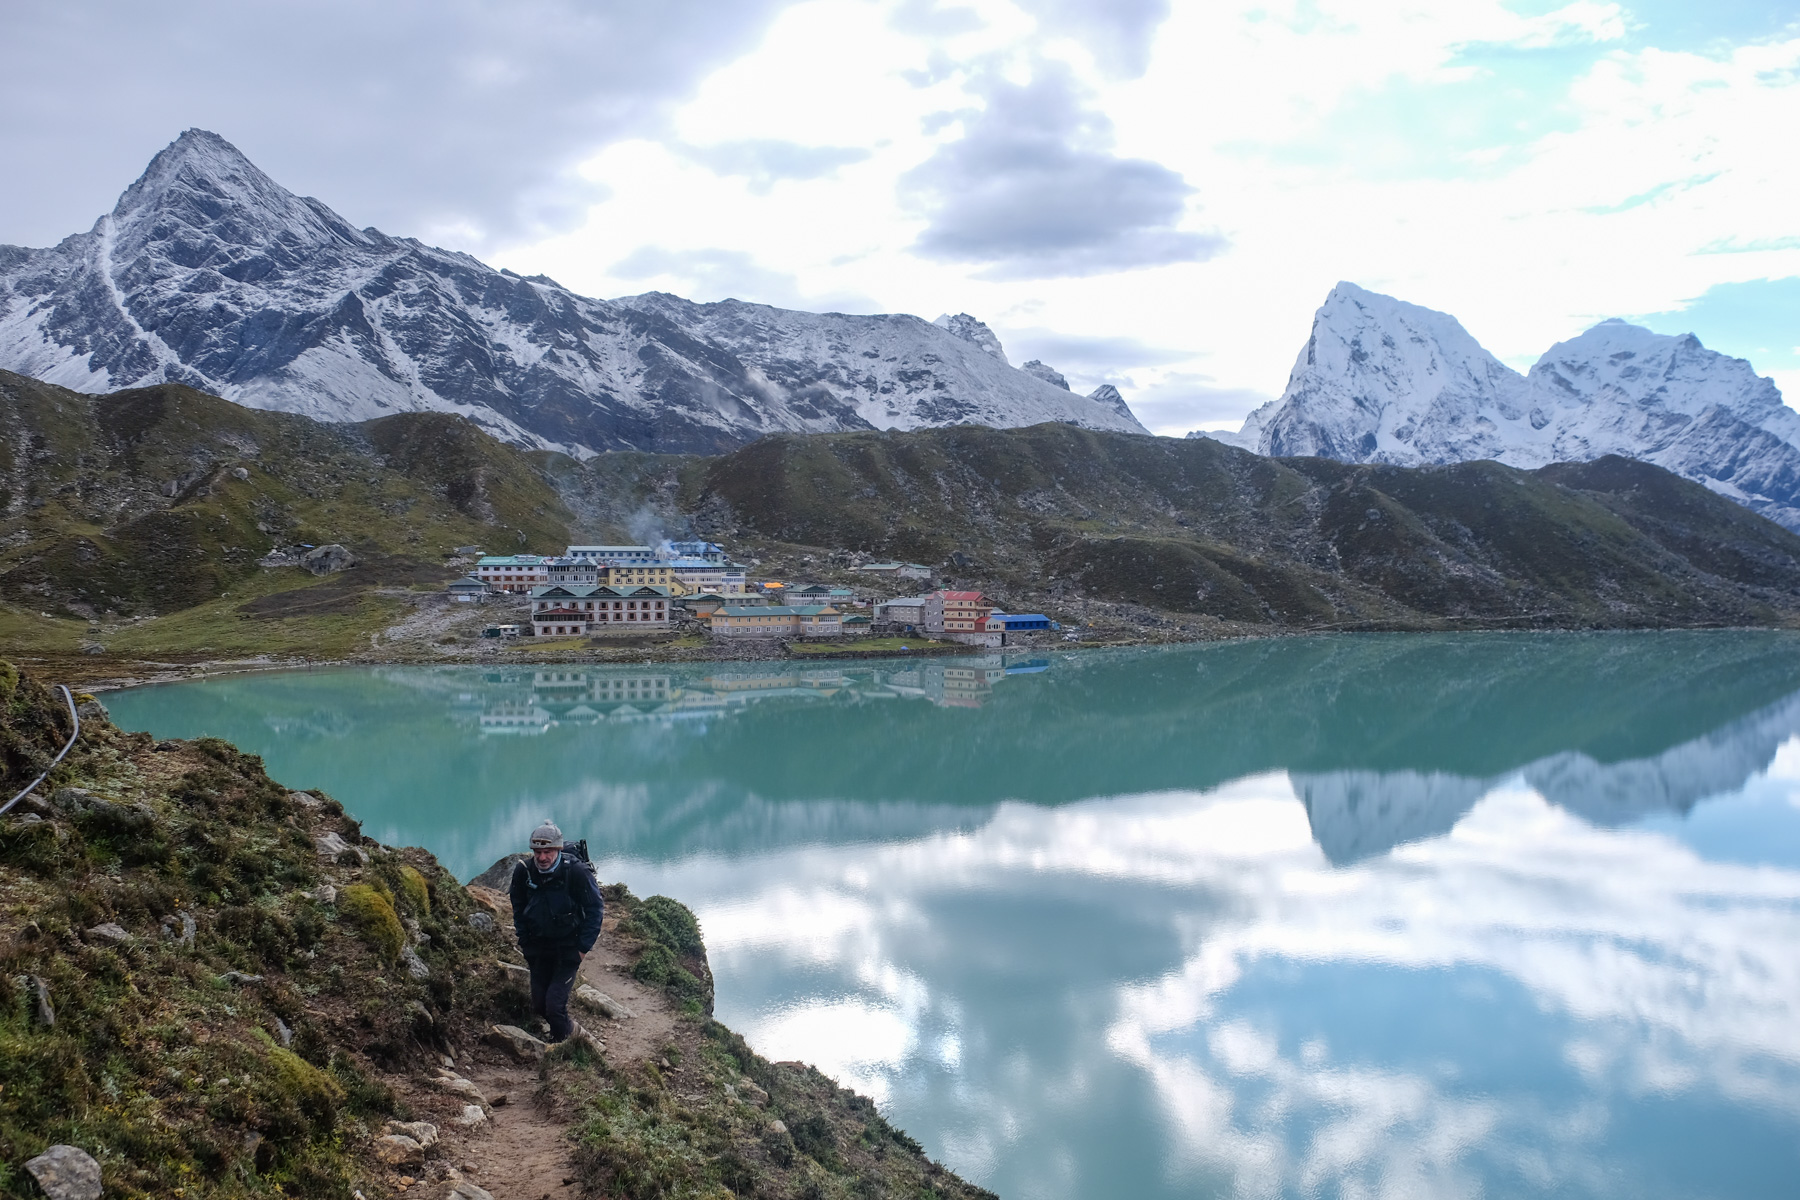 Kala Patthar & Gokyo, Everest 3 pass #3 73